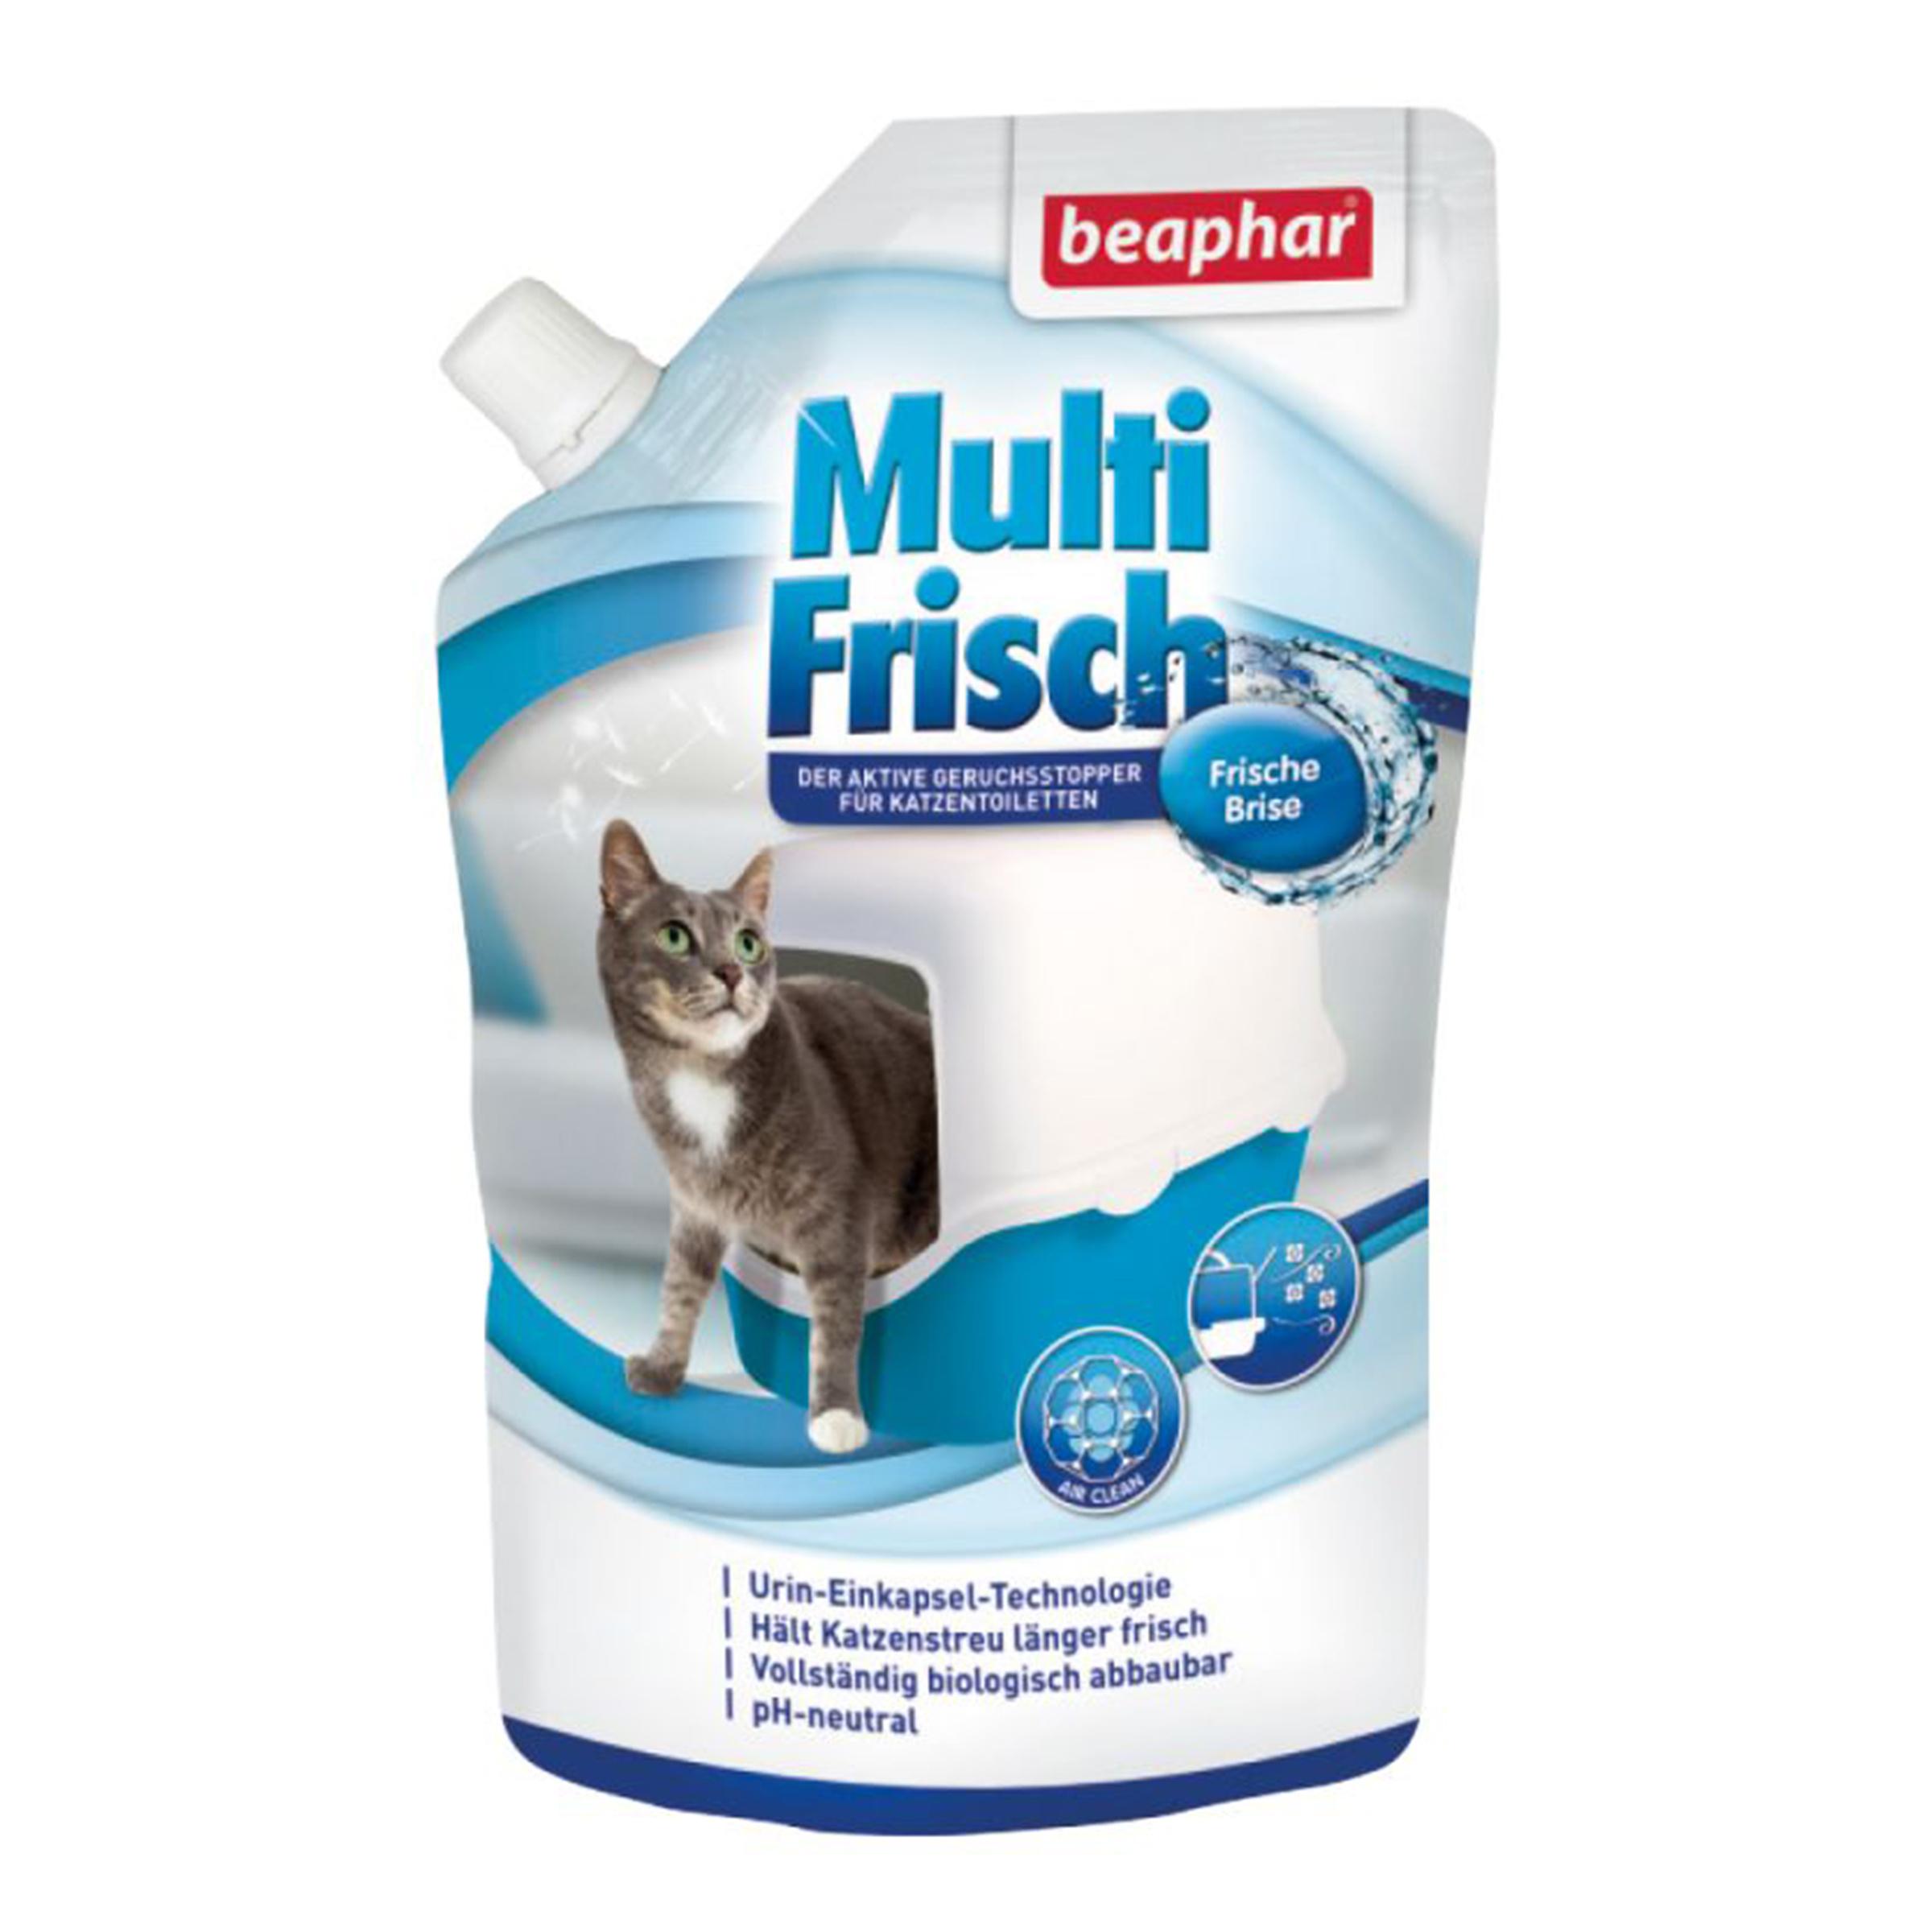 Image of beaphar Multi Frisch 400g